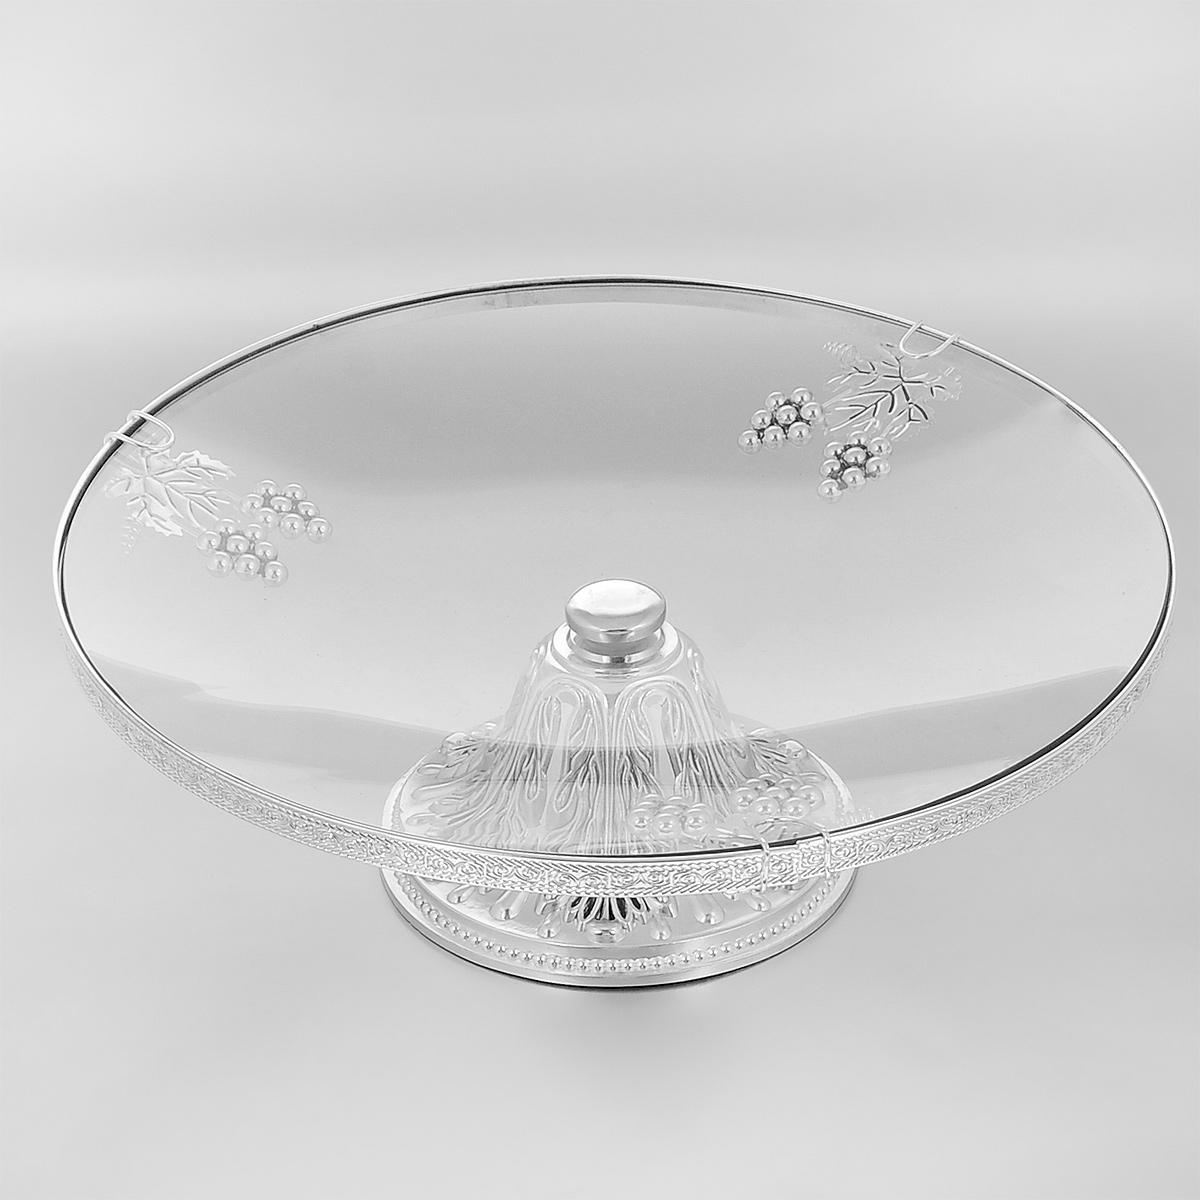 Ваза универсальная Marquis, диаметр 35 см. 7041-MR7041-MRУниверсальная ваза Marquis представляет собой круглое стеклянное блюдо на металлической ножке, выполненной из стали серебряно-никелевым покрытием. Блюдо украшено фигурками виноградных ягод и листьев. Ножка декорирована изысканным рельефом. Ваза прекрасно подойдет для красивой сервировки тортов, конфет, различных пирожных, выпечки и фруктов. Такая ваза придется по вкусу и ценителям классики, и тем, кто предпочитает утонченность и изысканность. Она великолепно украсит праздничный стол и подчеркнет прекрасный вкус хозяина, а также станет отличным подарком. Диаметр блюда: 35 см. Диаметр основания: 16 см. Высота вазы: 13 см.